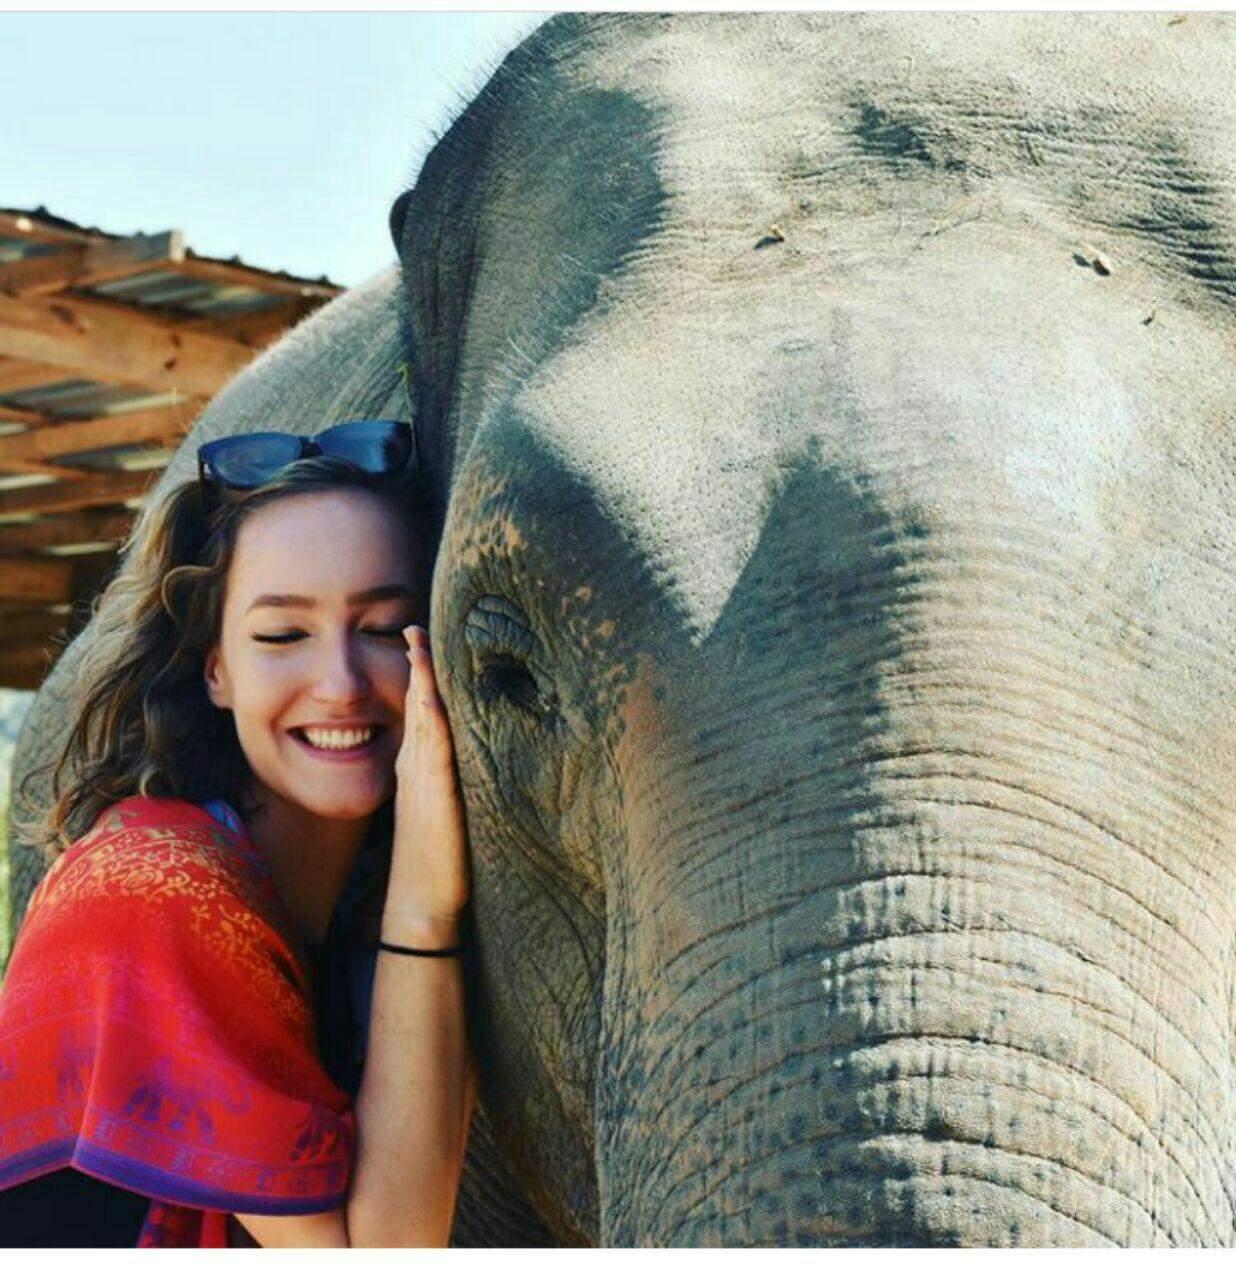 97 12 c33 569 - زندگی مشترک خانواده ای با فیل ها